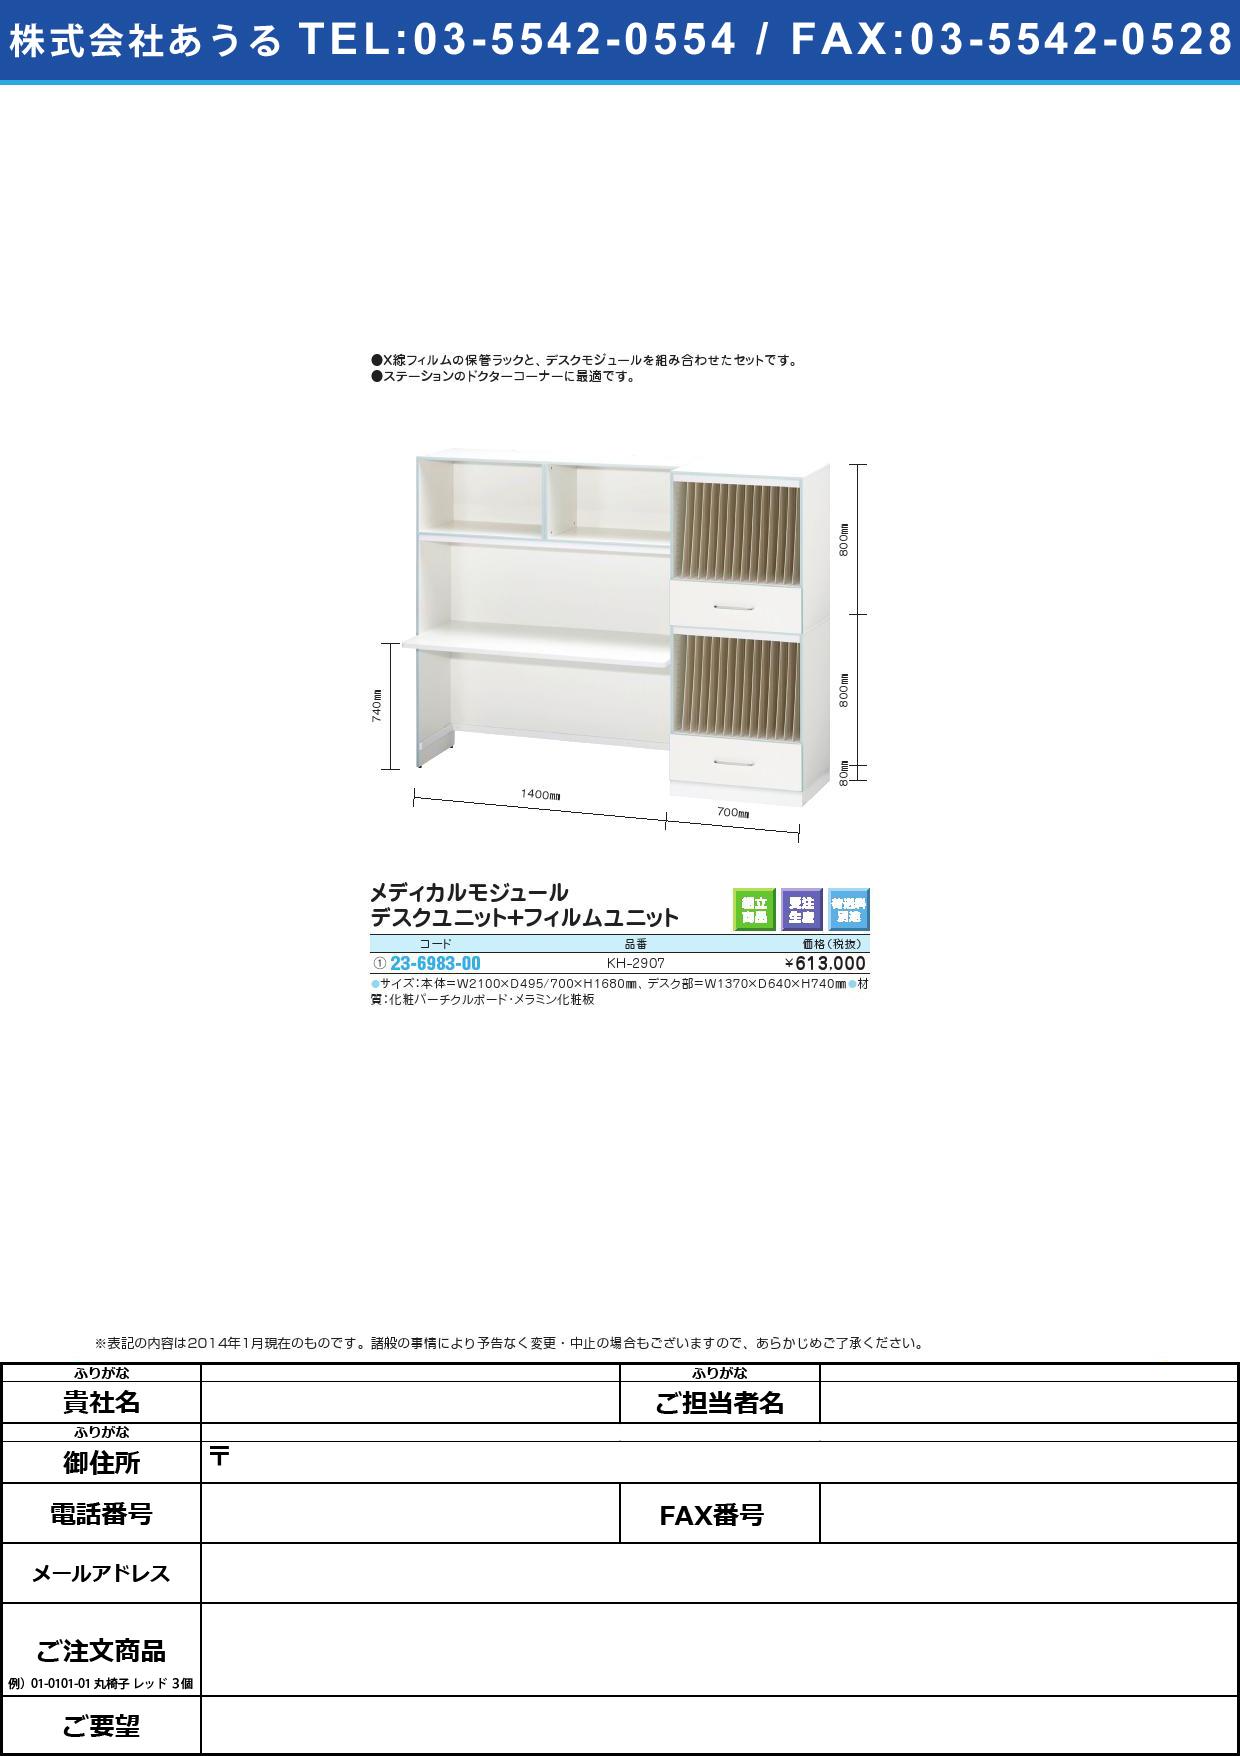 メディカルモジュール メディカルモジュール(23-6983-00)KH-2907(デスク+フィルム)【1台単位】